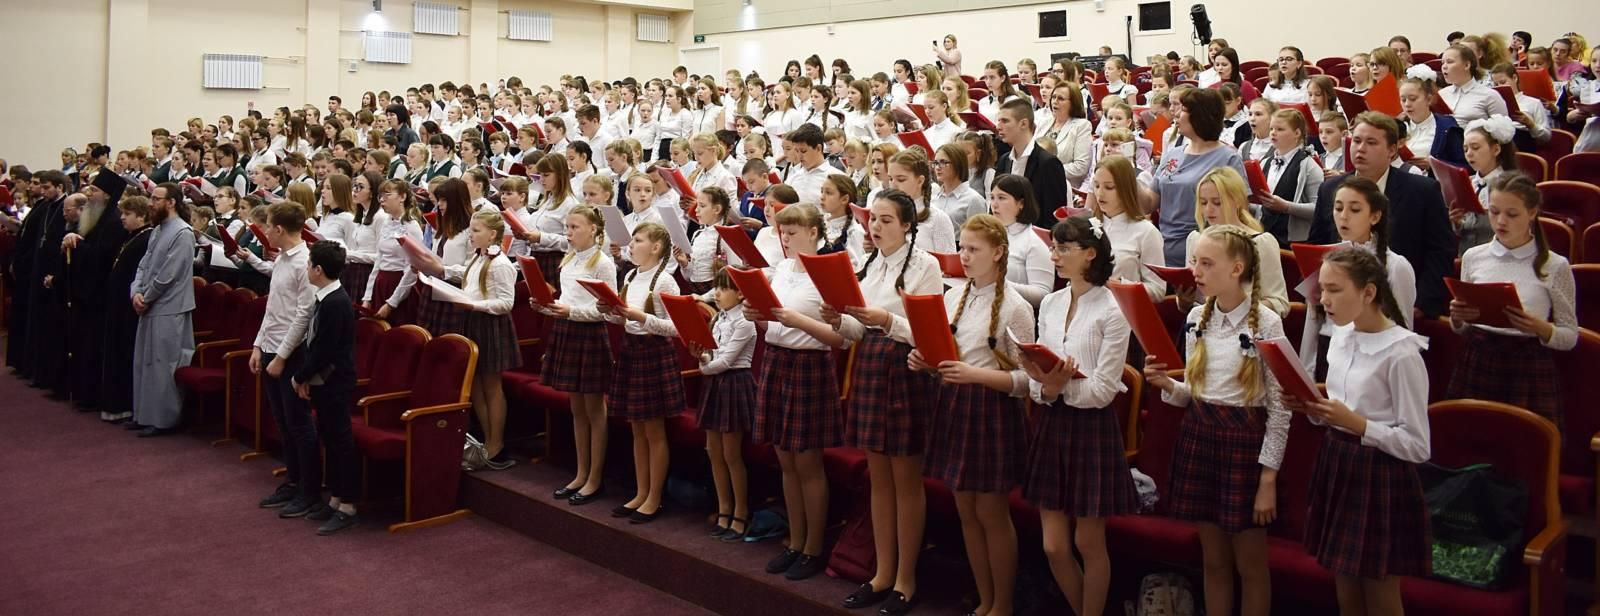 V открытый Пасхальный хоровой собор в ТКЦ «Юбилейный» г. Урюпинска.